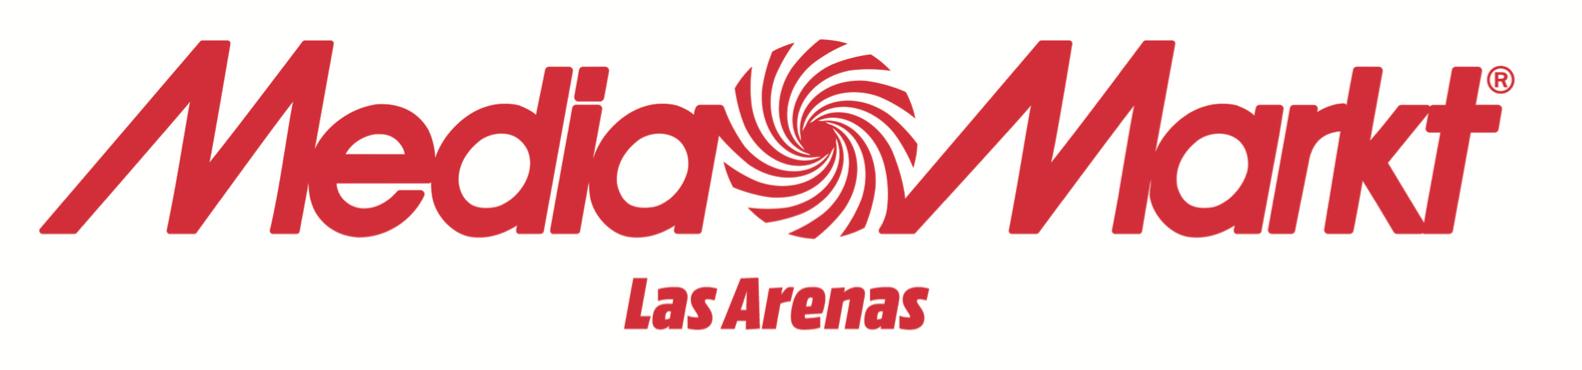 101Racing instalador oficial de Media Markt Las Arenas en Gran Canaria